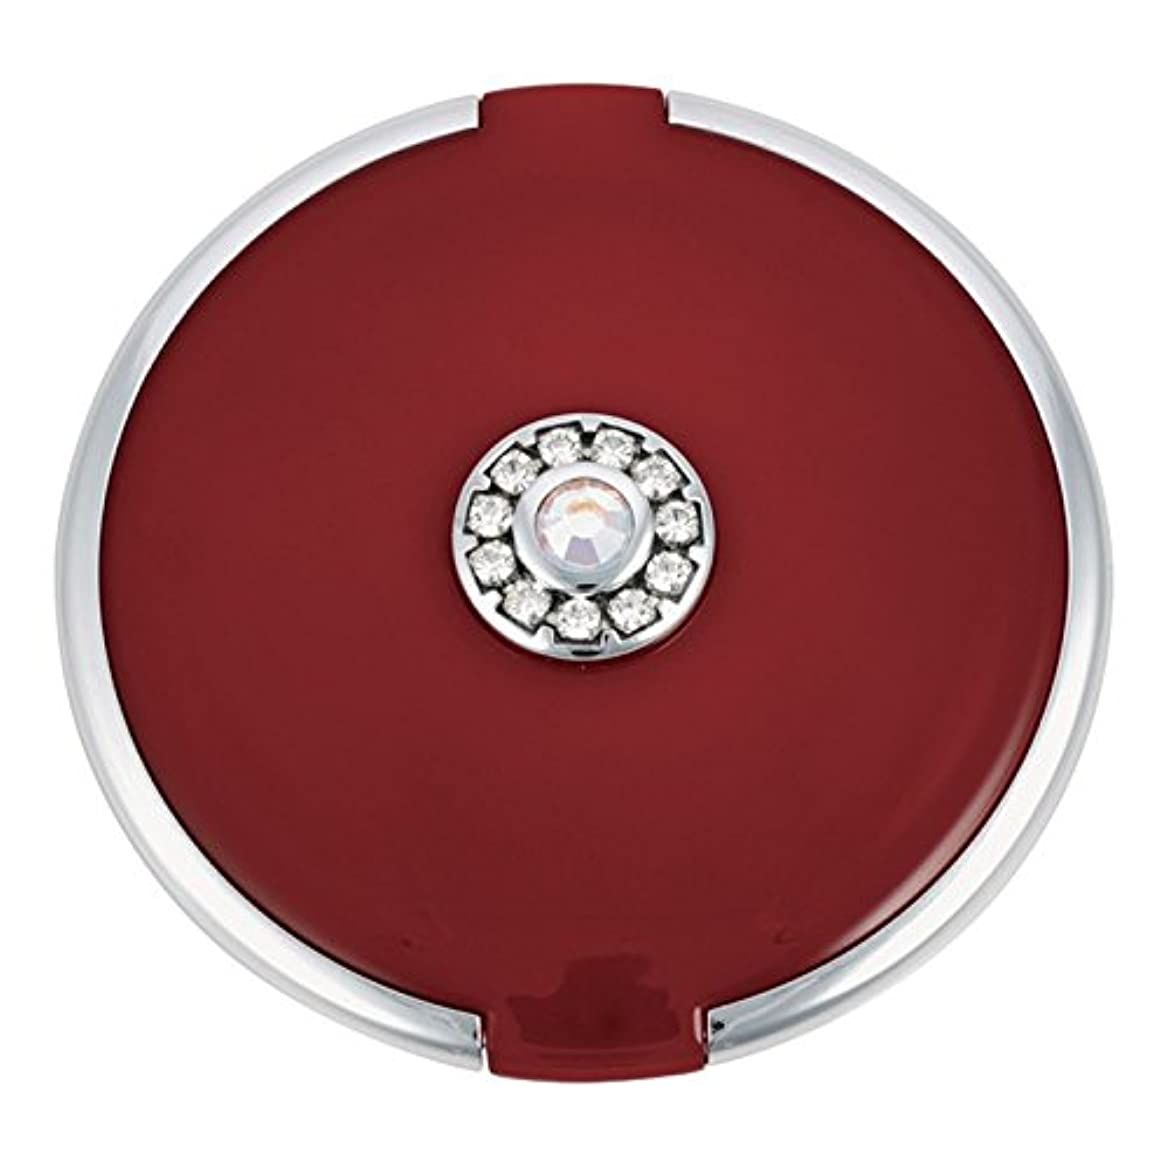 残る除去結果ジョン?ルイスラウンド銀トリム結晶が赤いコンパクトミラーを設定します (John Lewis) (x6) - John Lewis Round Silver Trim Crystal Set Compact Mirror Red (Pack of 6) [並行輸入品]